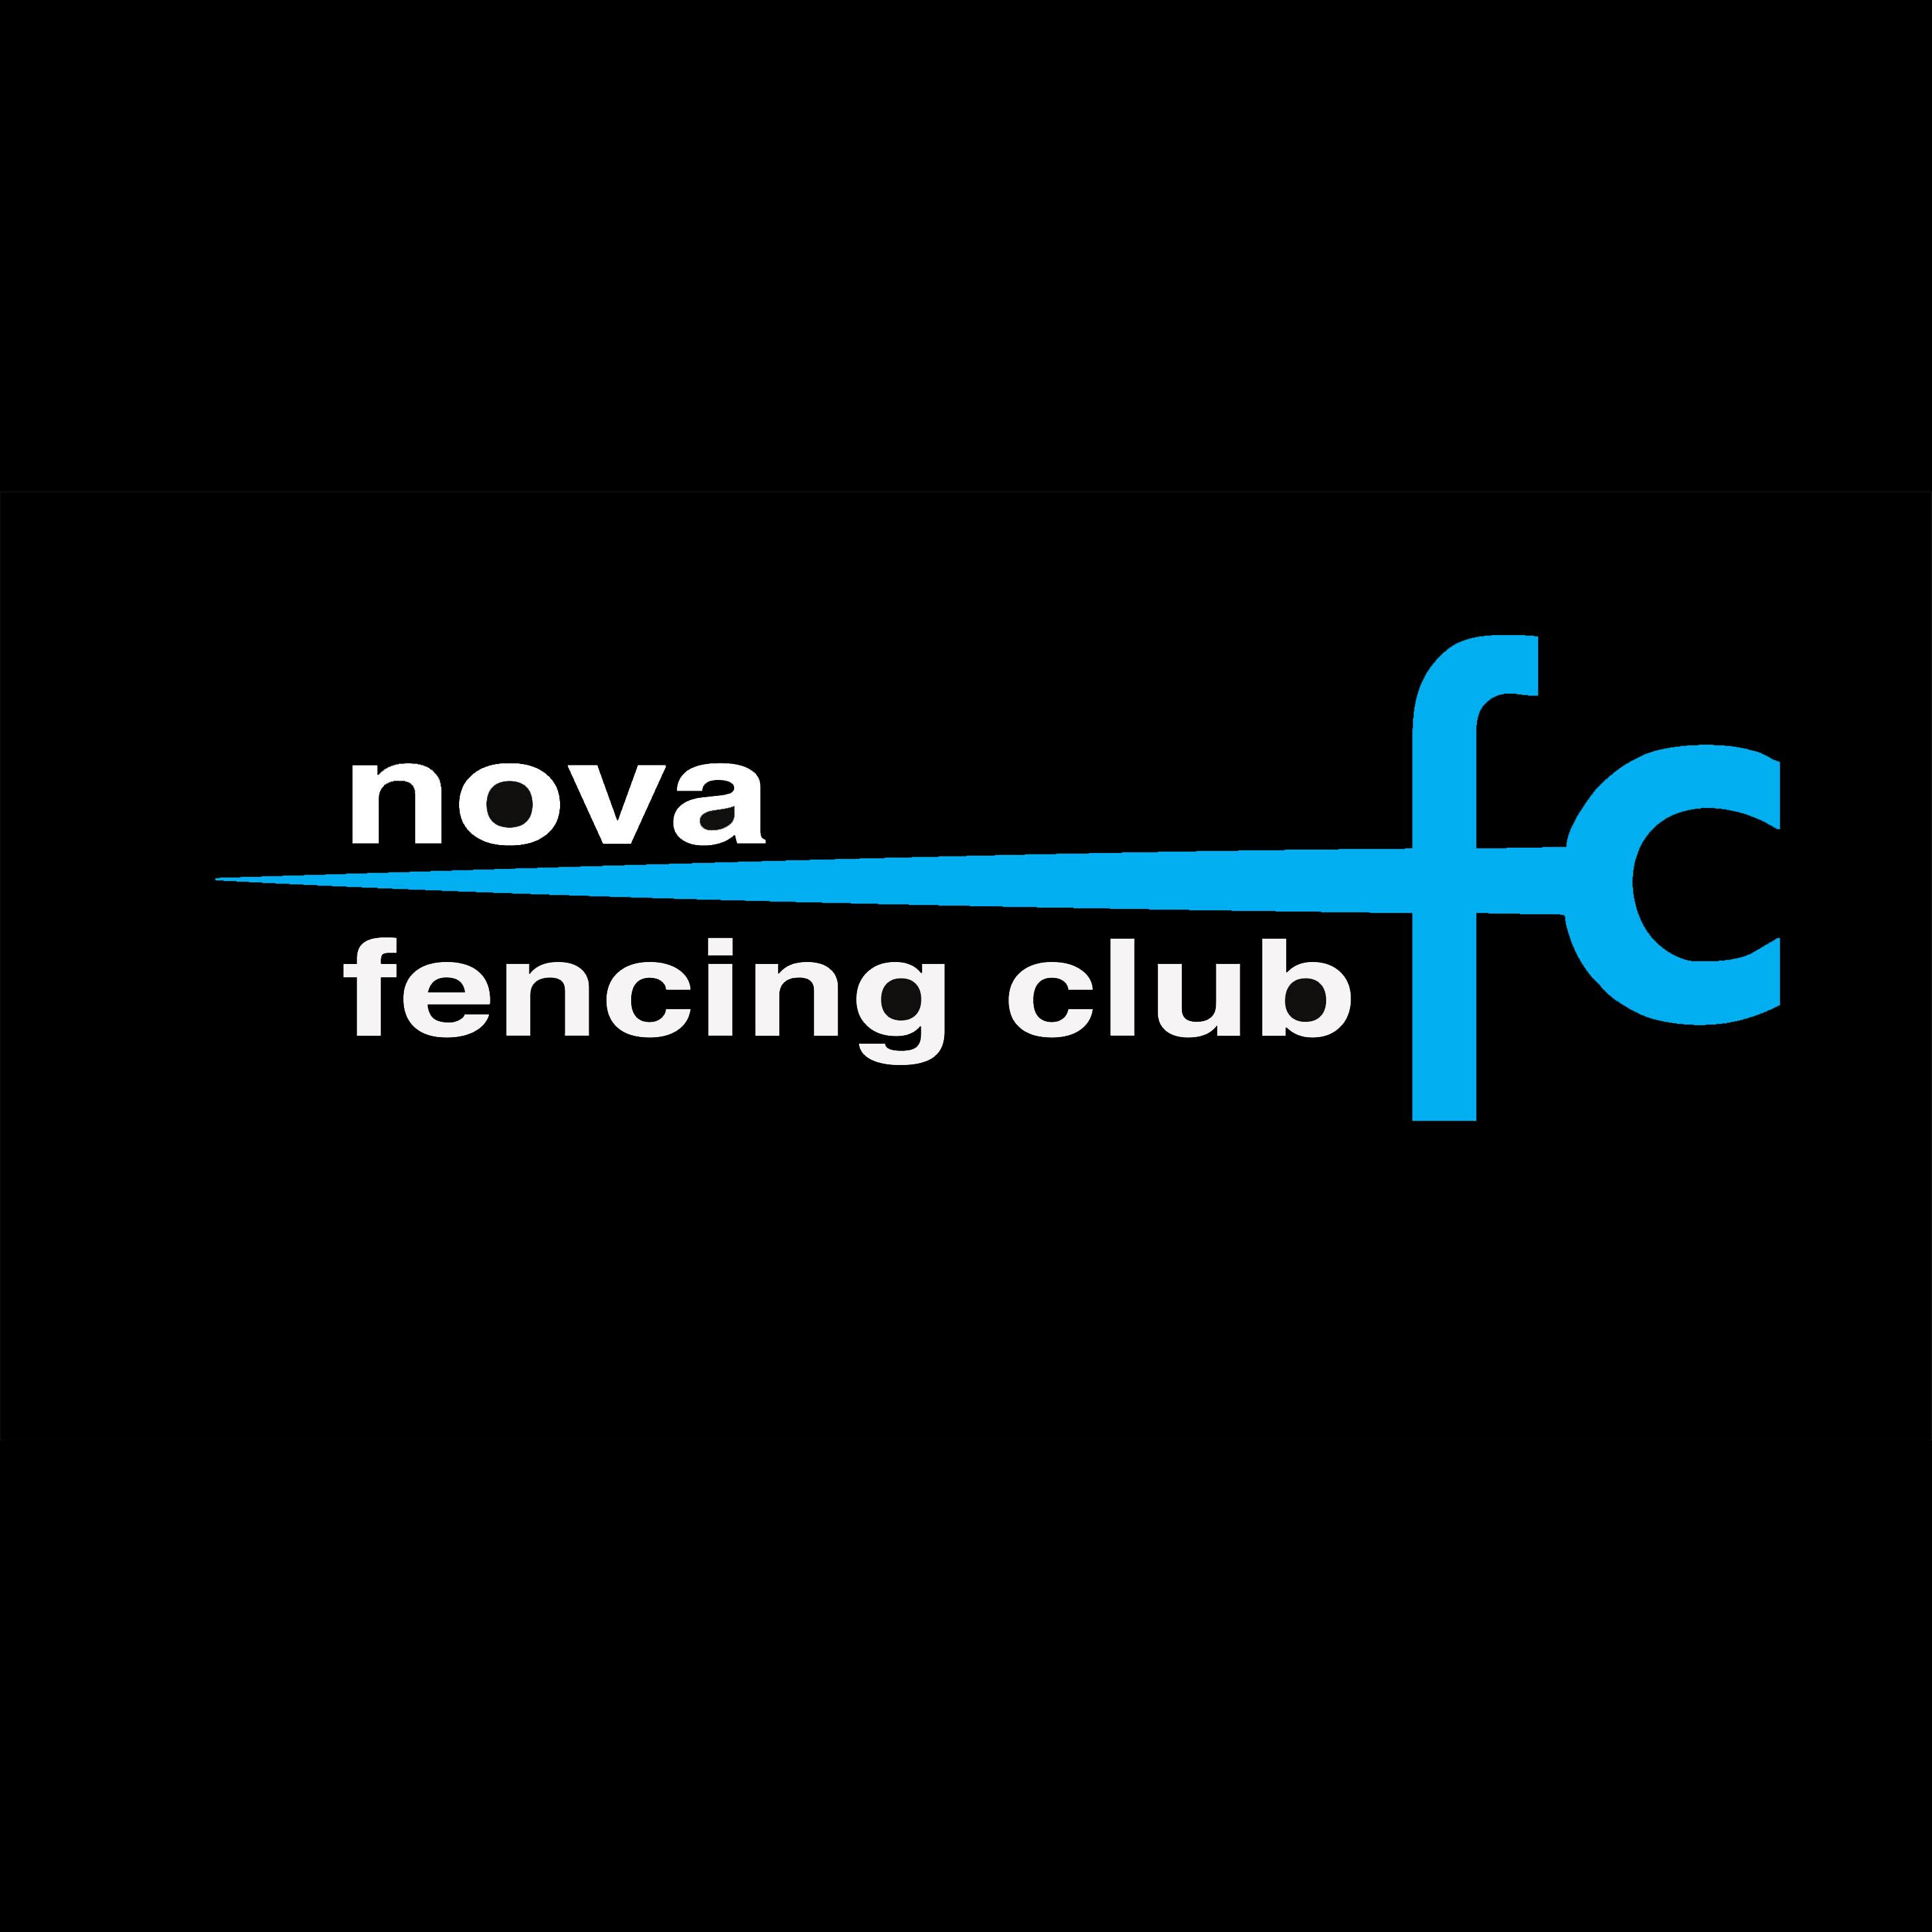 Nova Fencing Club